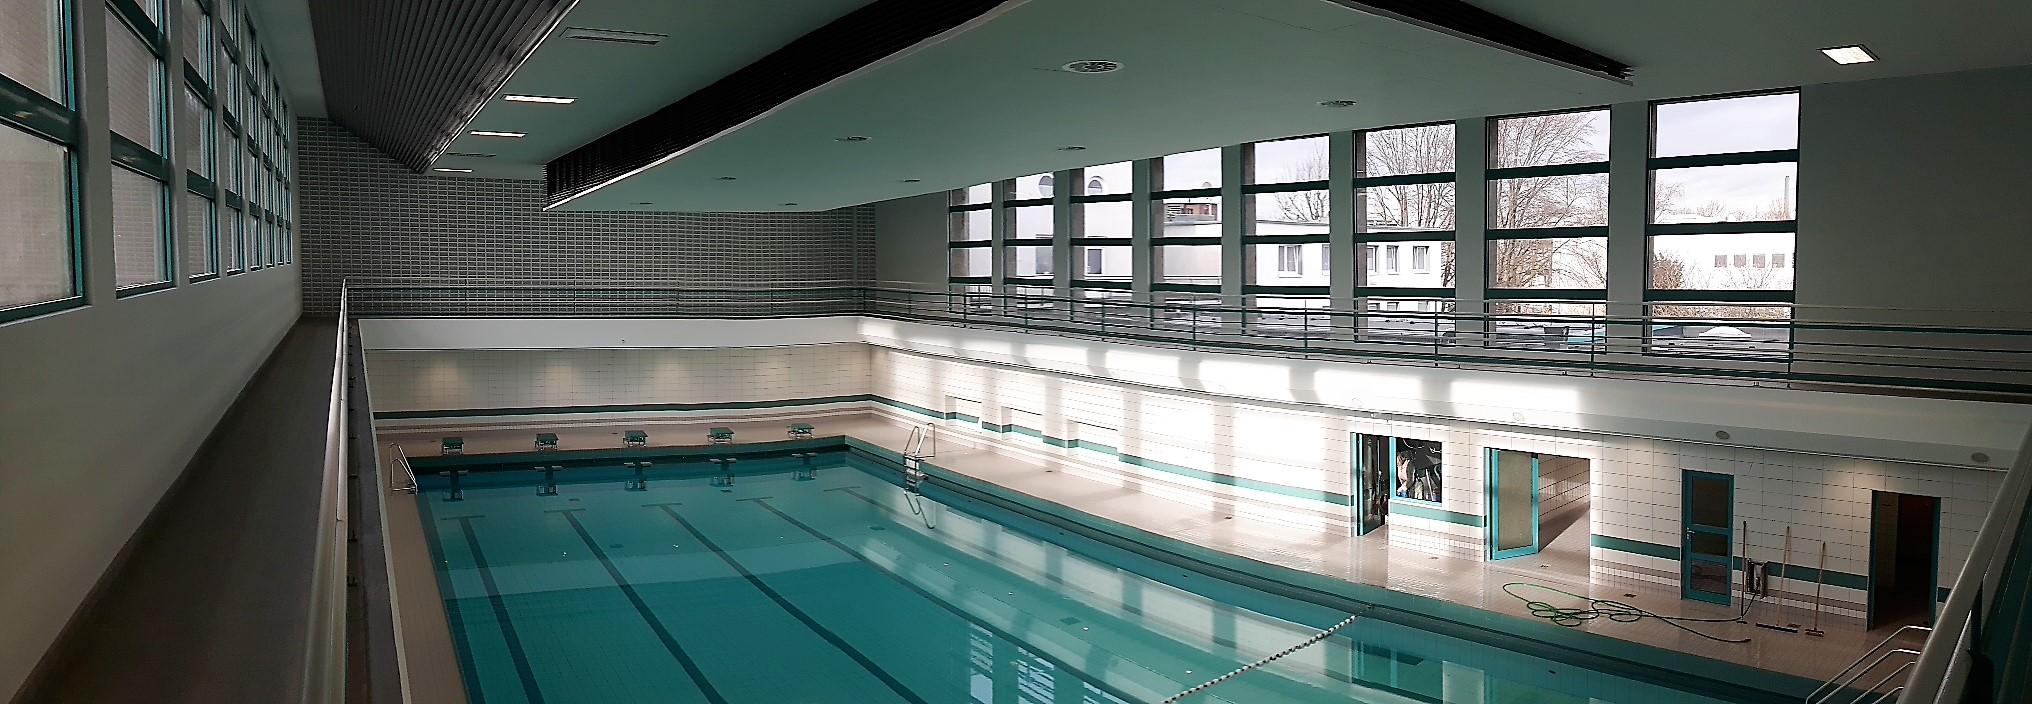 Foto: Schwimmhalle der Alten Badeanstalt